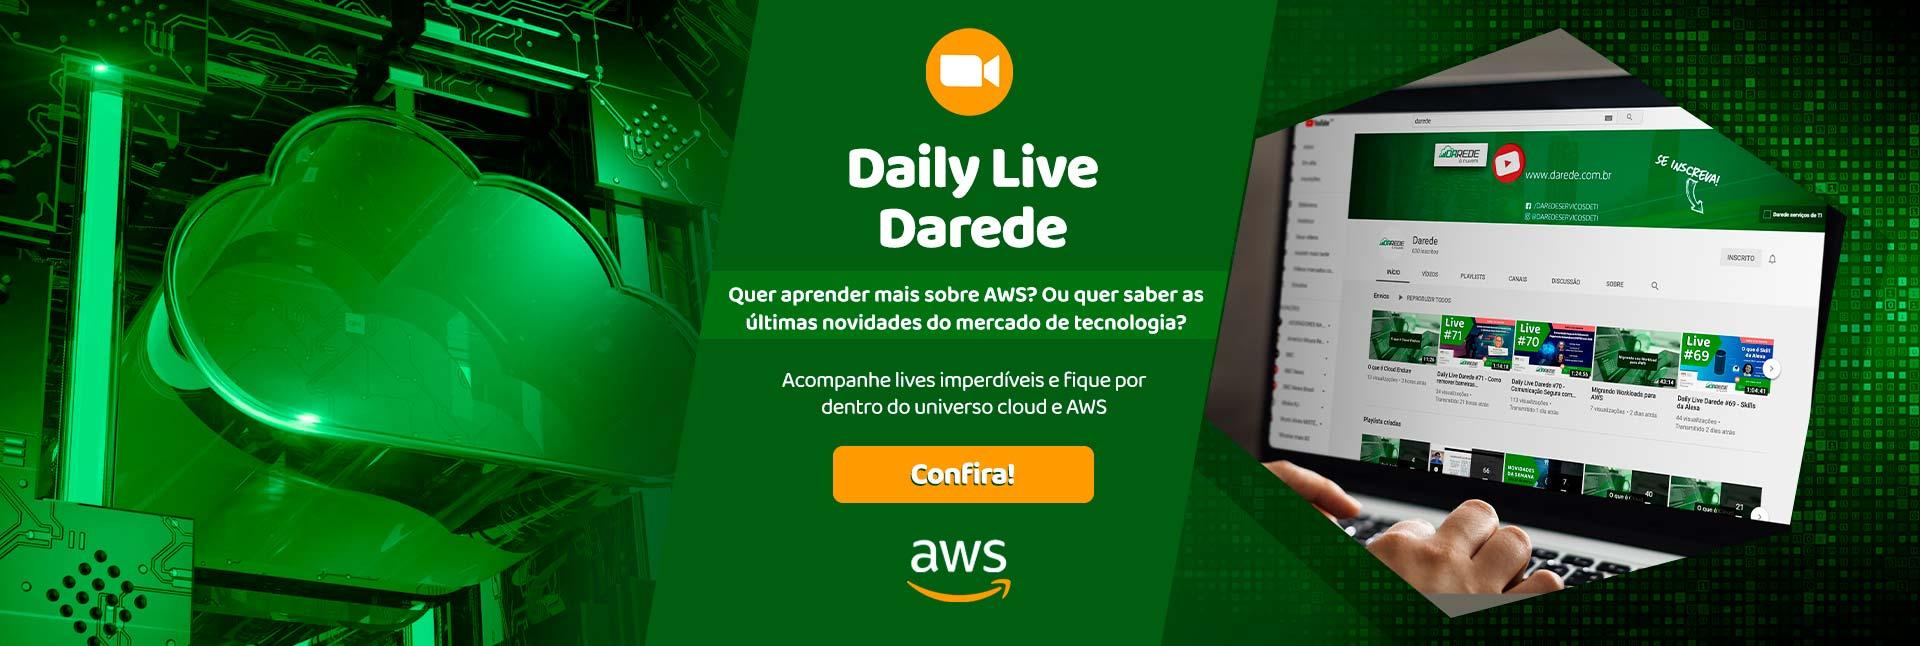 Daily Darede